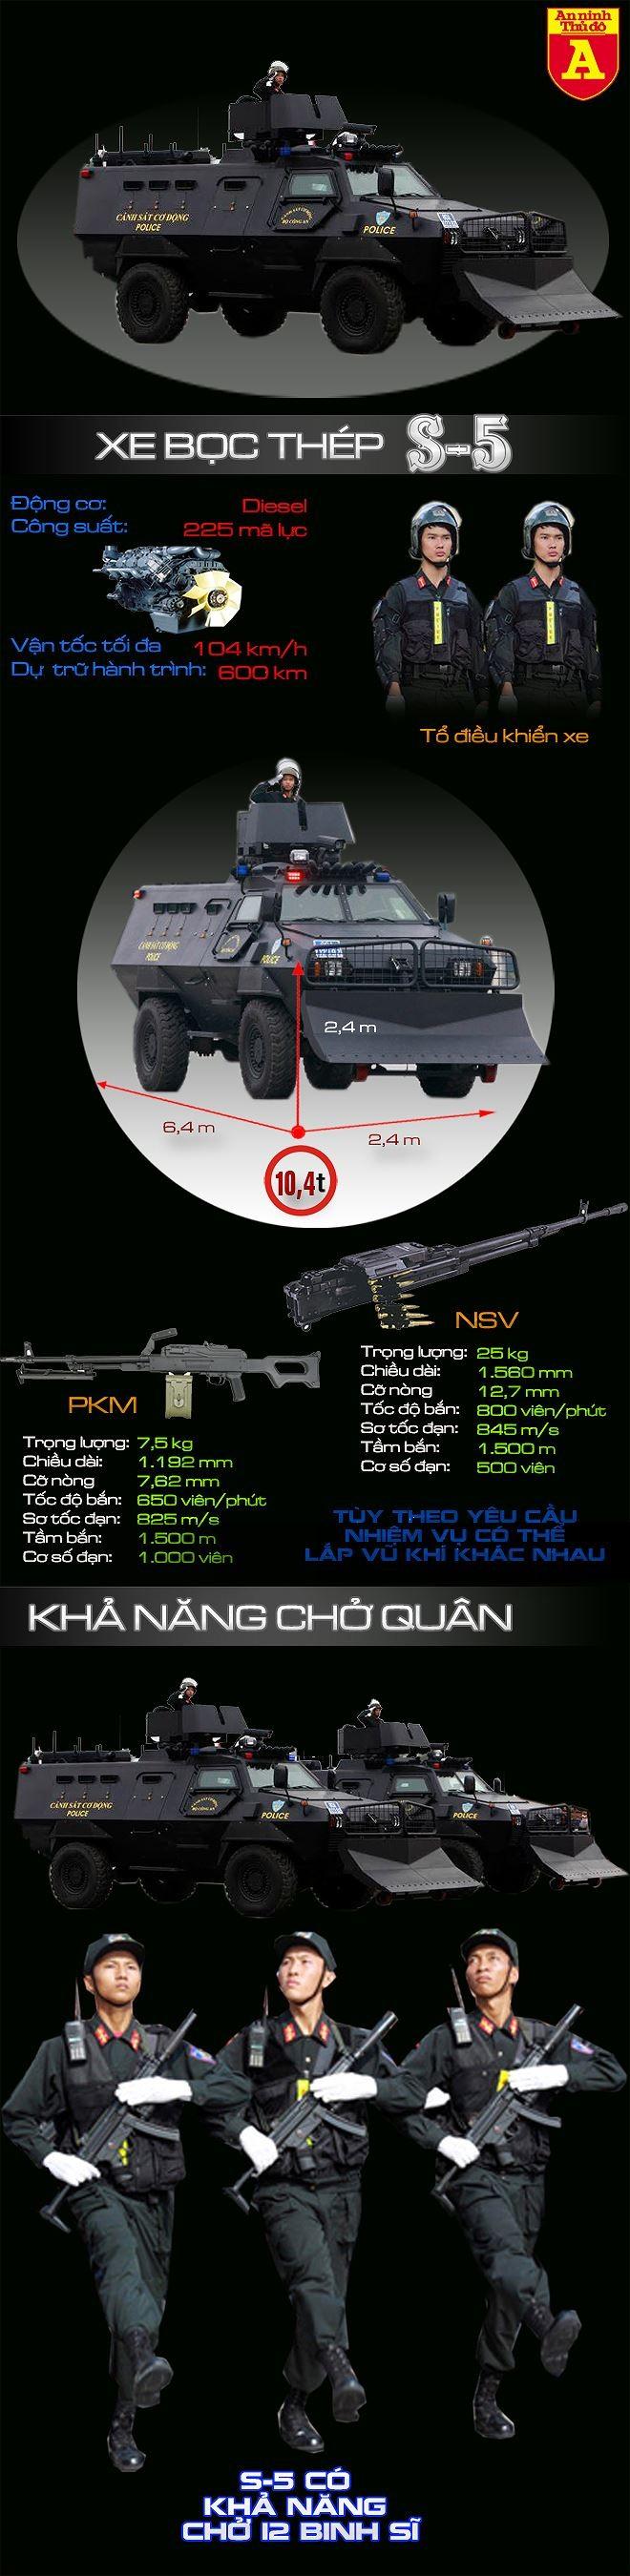 [ĐỒ HỌA] Dù có 7 tay súng hộ vệ, trùm ma túy vẫn phải thúc thủ trước xe bọc thép của Cảnh sát ảnh 4